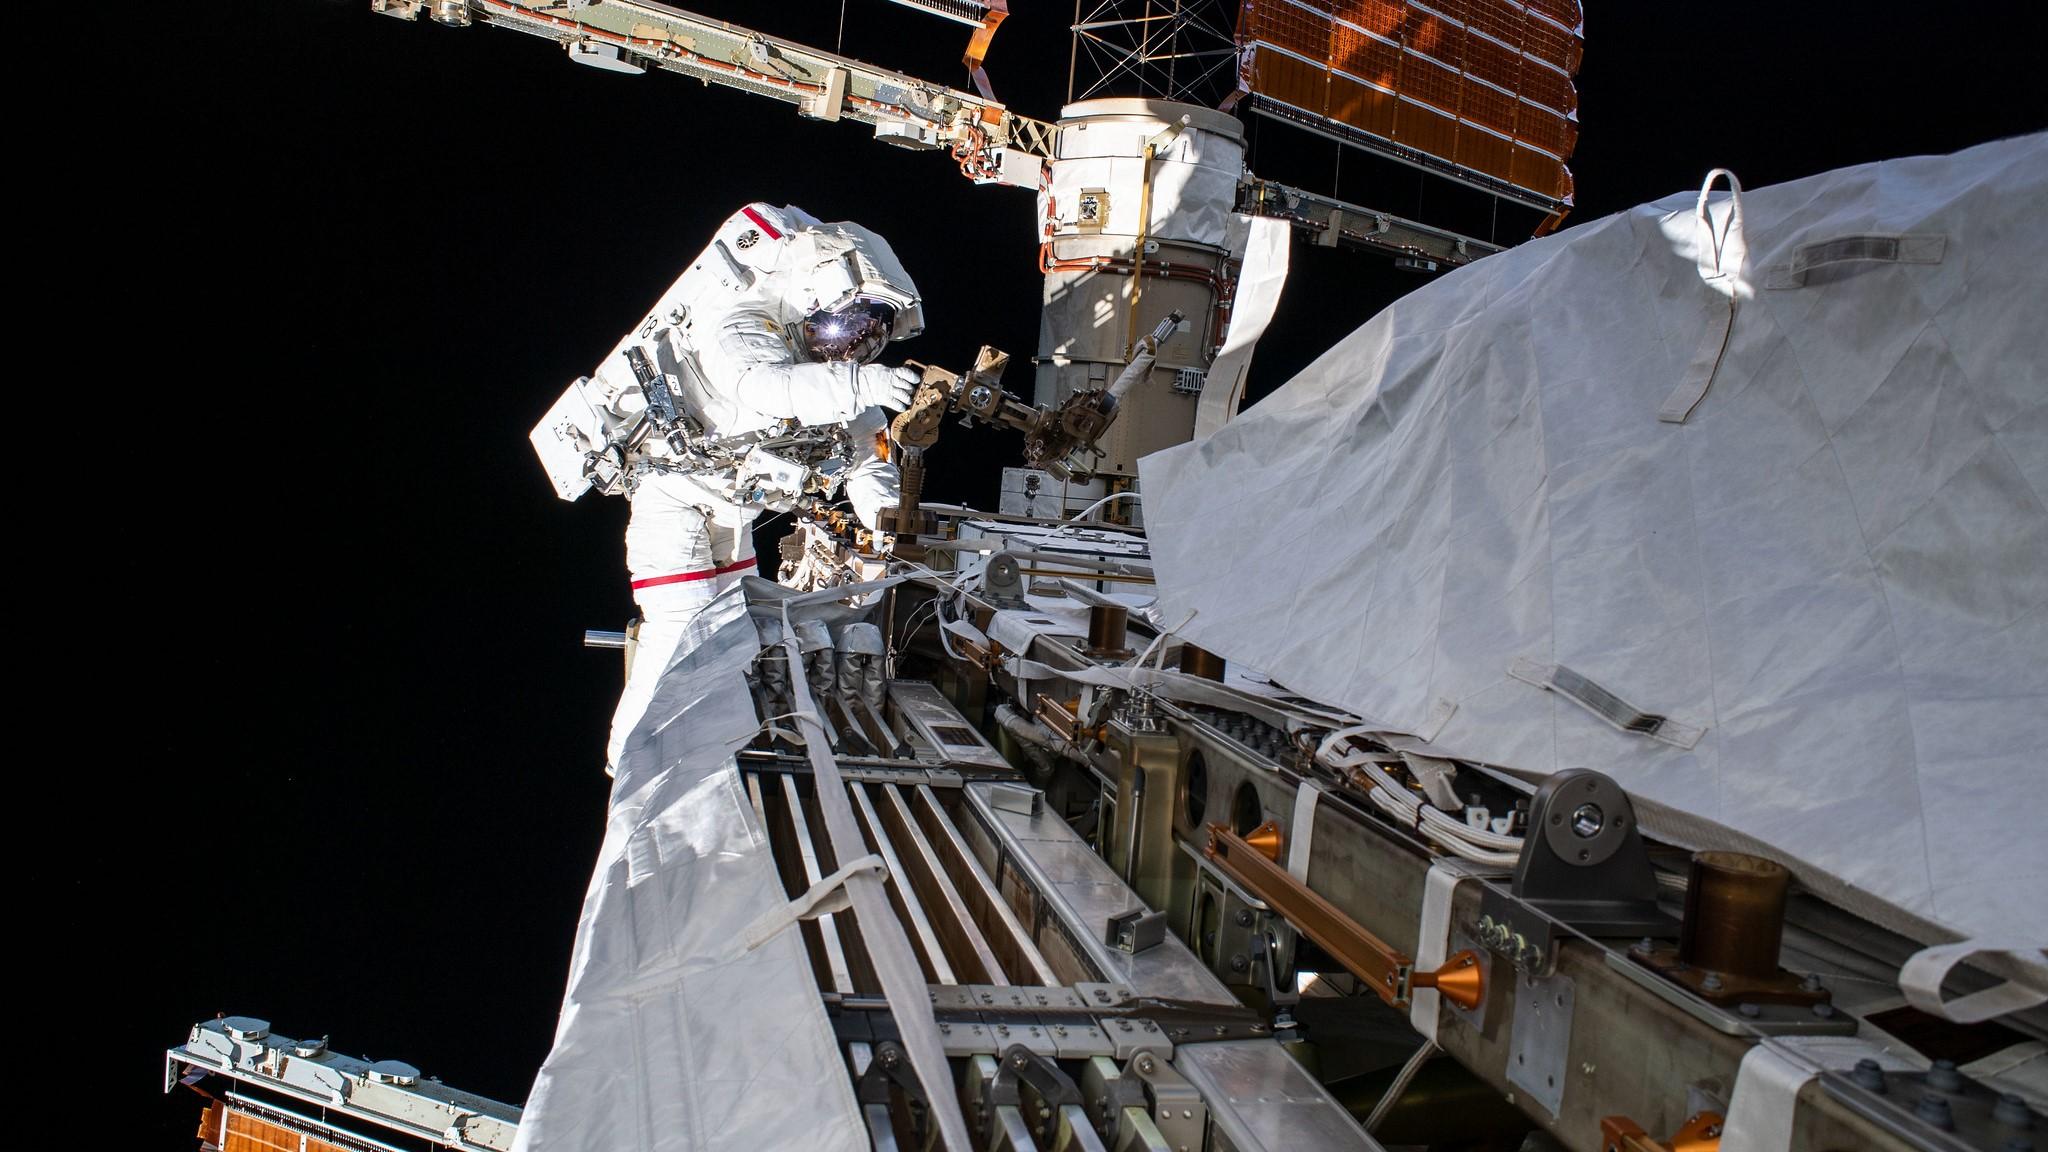 دوو ژنە کاپتنی ئەمریکی زیاتر لە حەوت کاتژمێر لە بۆشایی ئاسمان کاریانکرد و ناویان چوە مێژوەوە